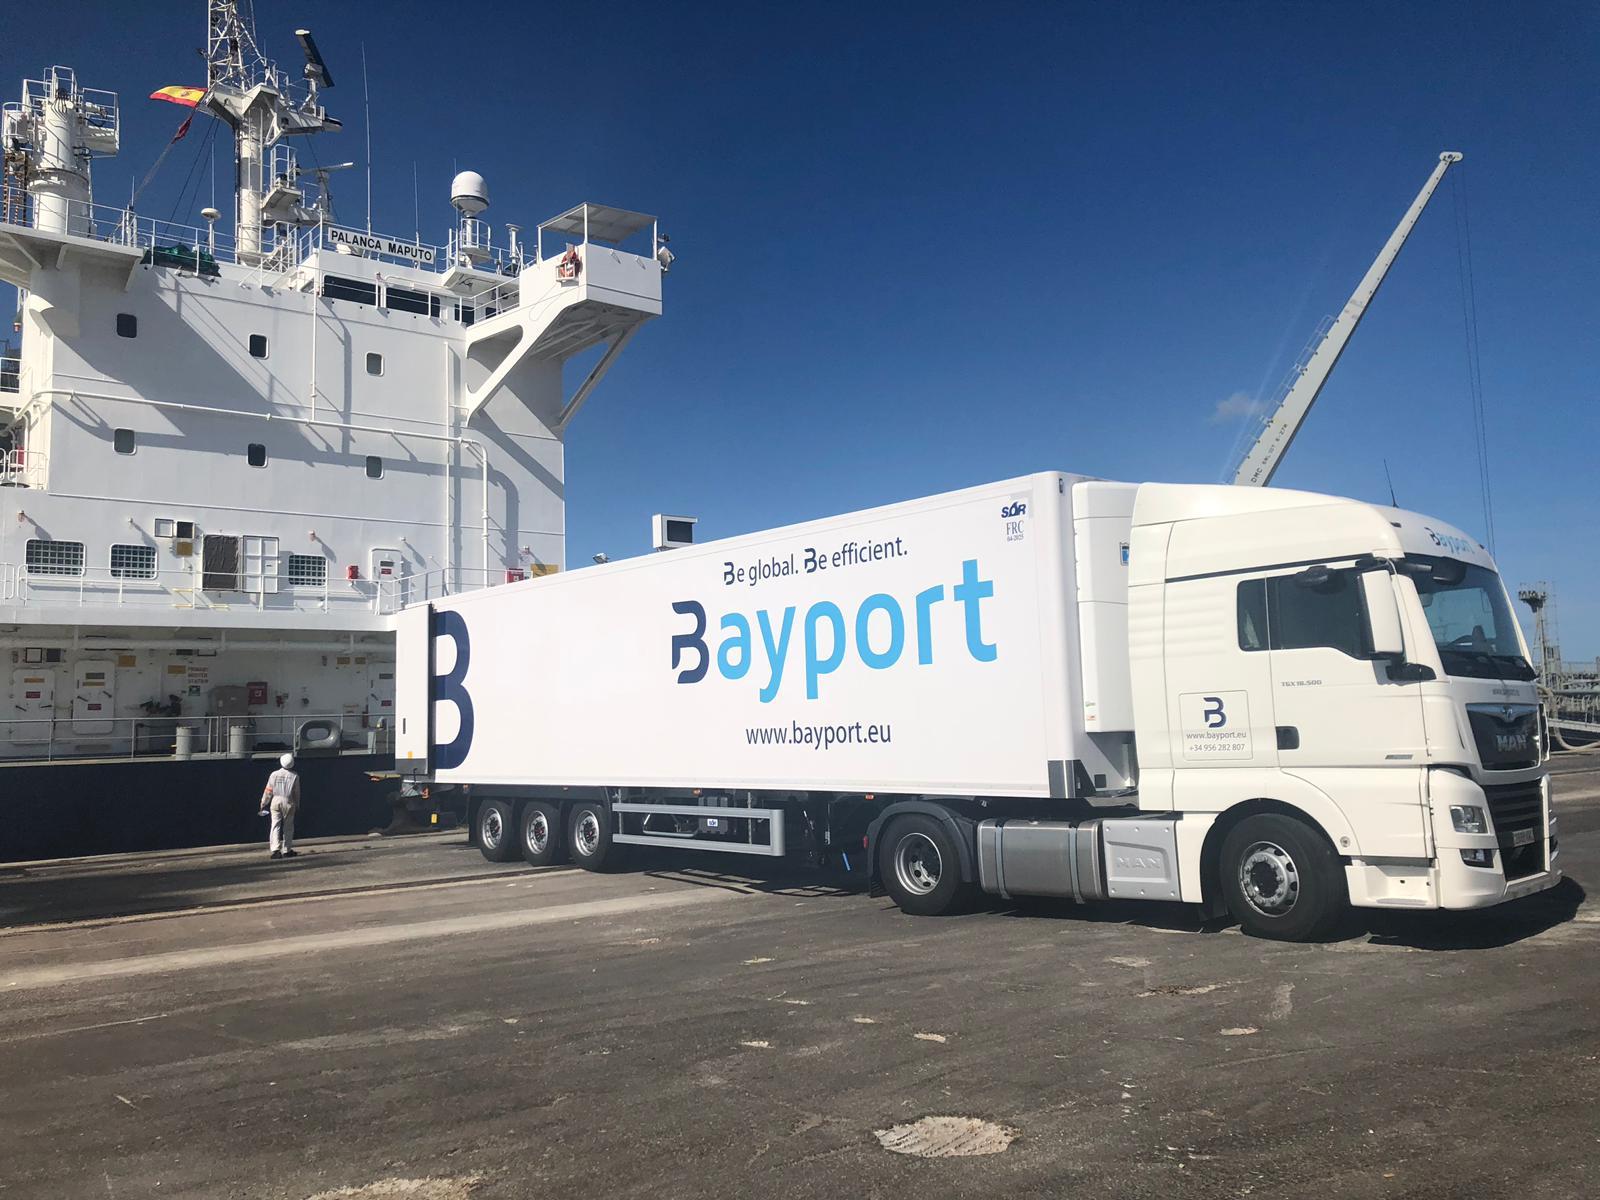 Bayport estrena una flota de vehículos más eficiente y responsable con el Medio Ambiente.